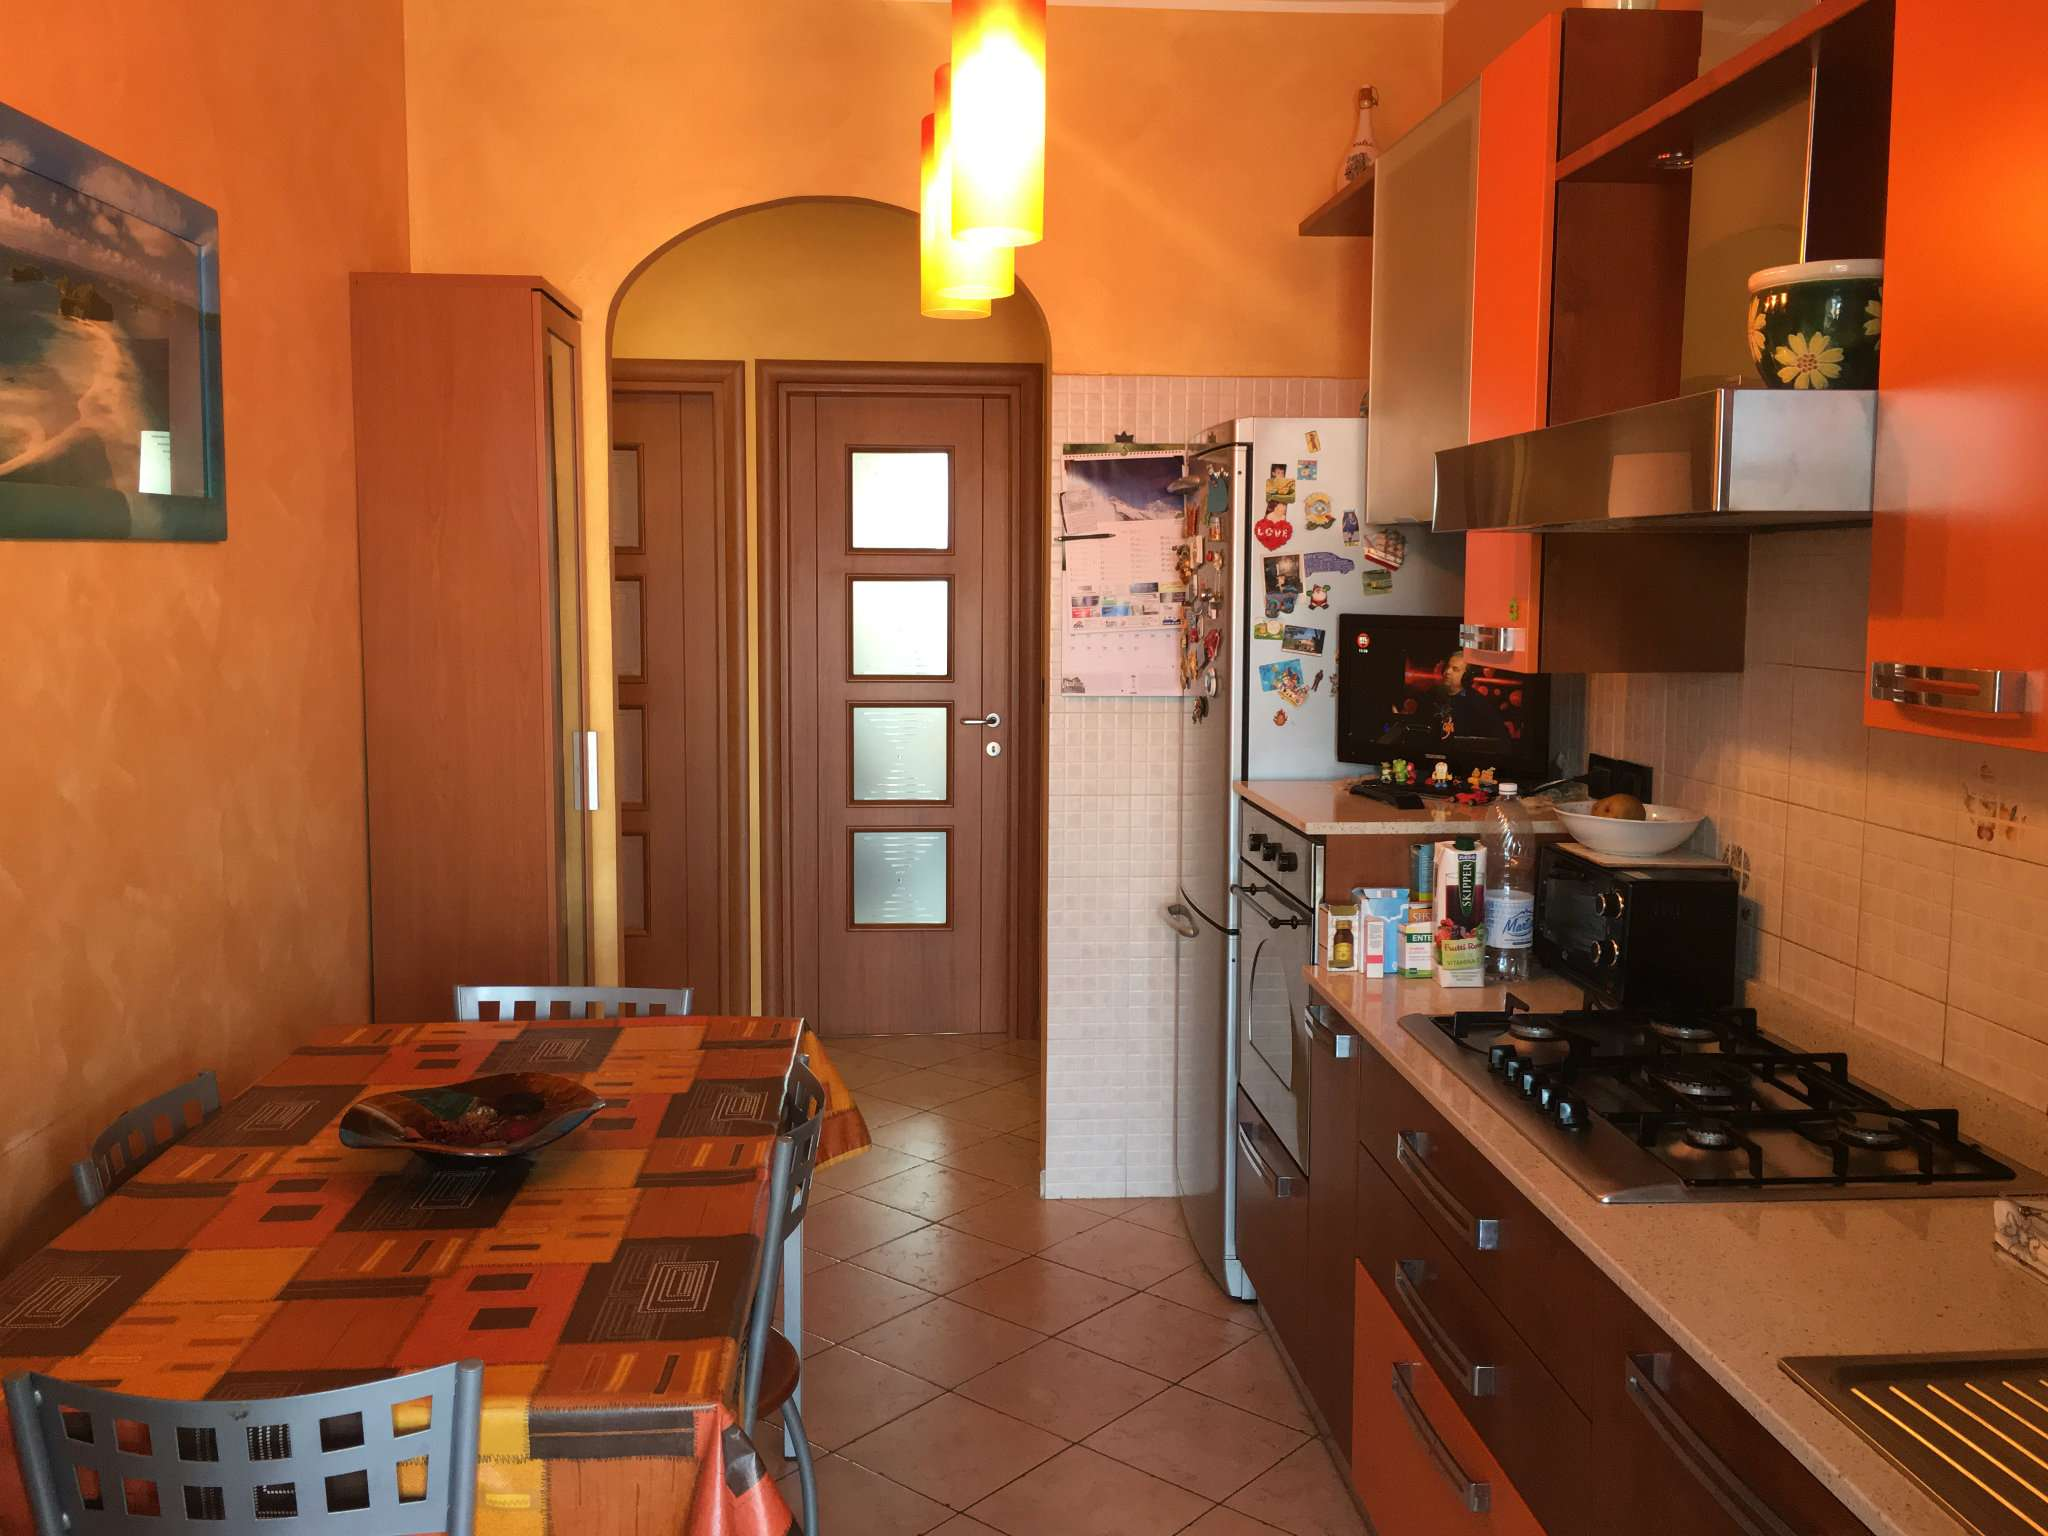 Appartamento in vendita a None, 3 locali, prezzo € 99.000 | CambioCasa.it